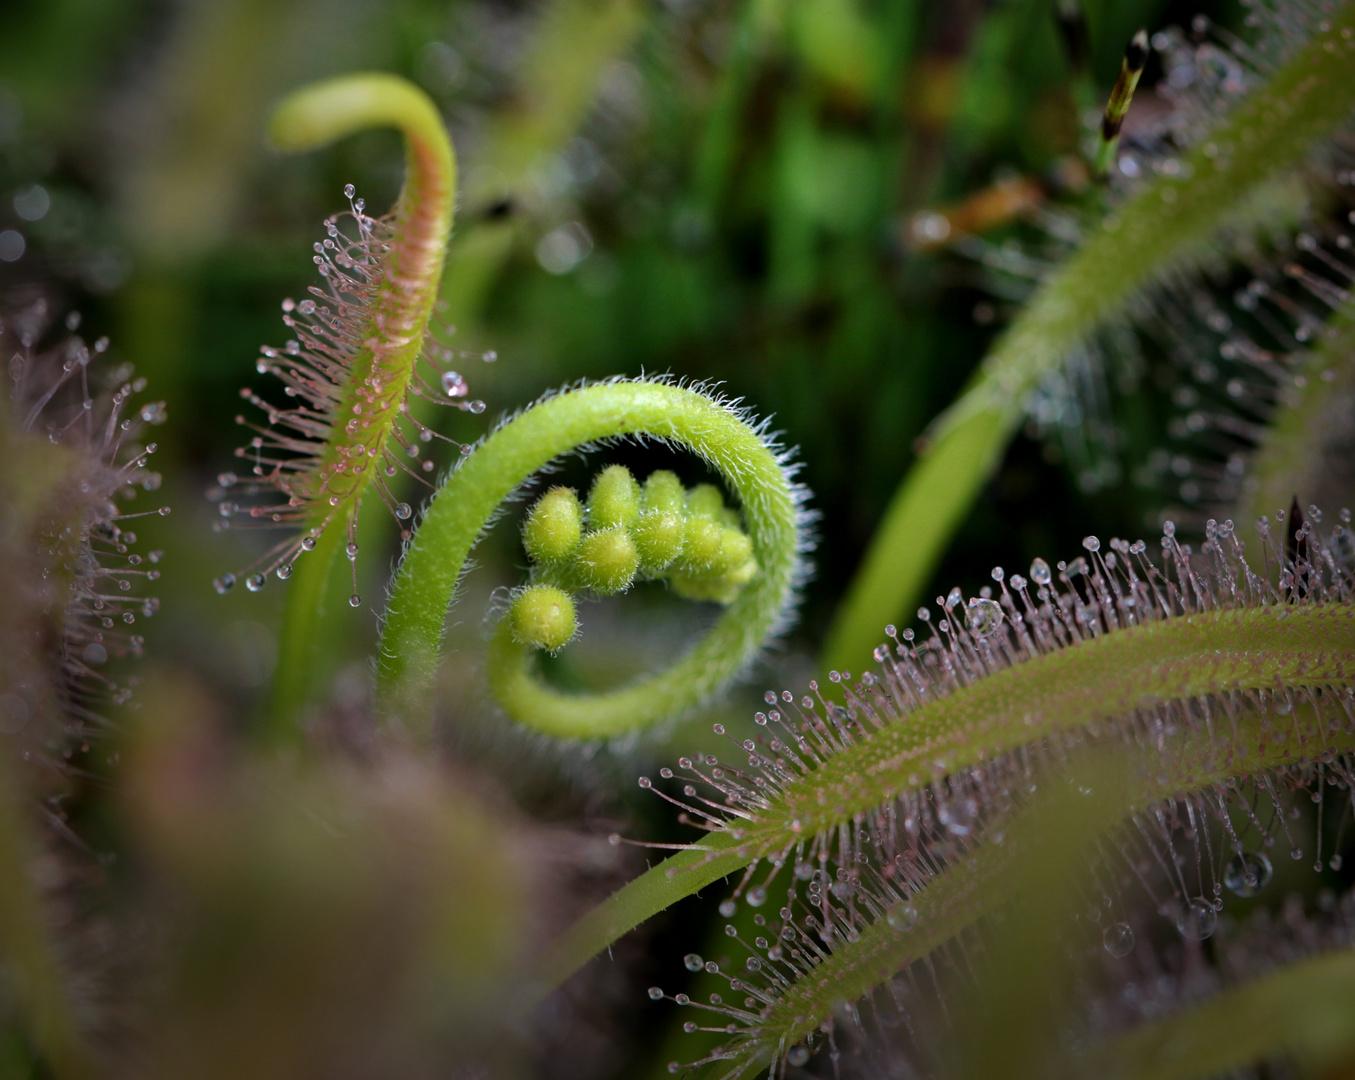 Sonnentau, eine neue Blüte entfaltet sich